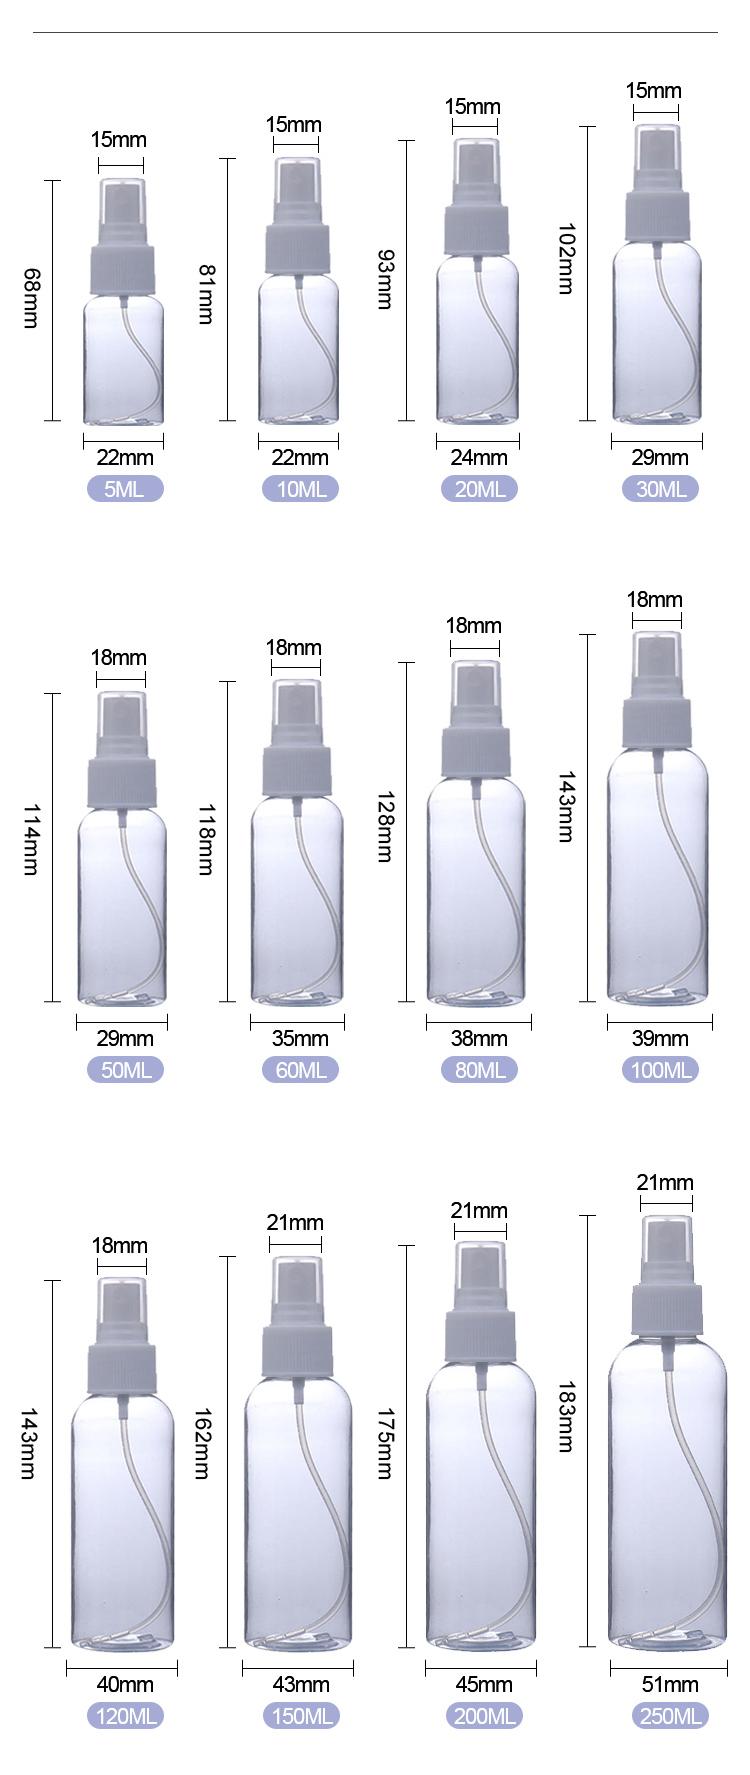 Clear plastic pet spray bottle